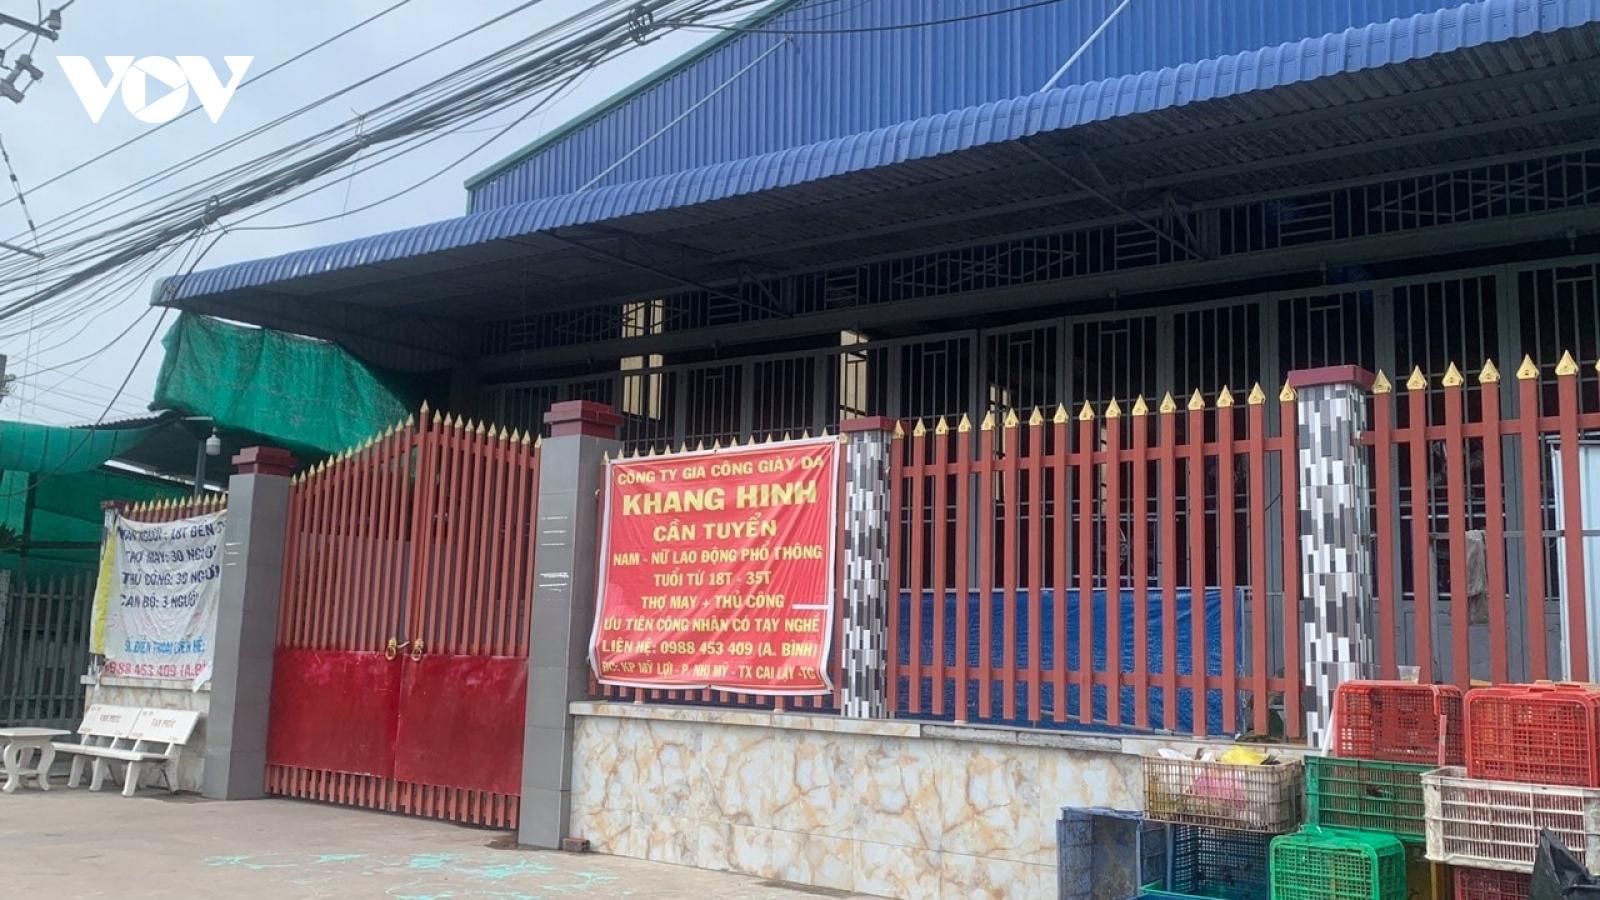 Toàn bộ công nhân của doanh nghiệp bị phong tỏa ở Tiền Giang đã âm tính với SARS-CoV-2